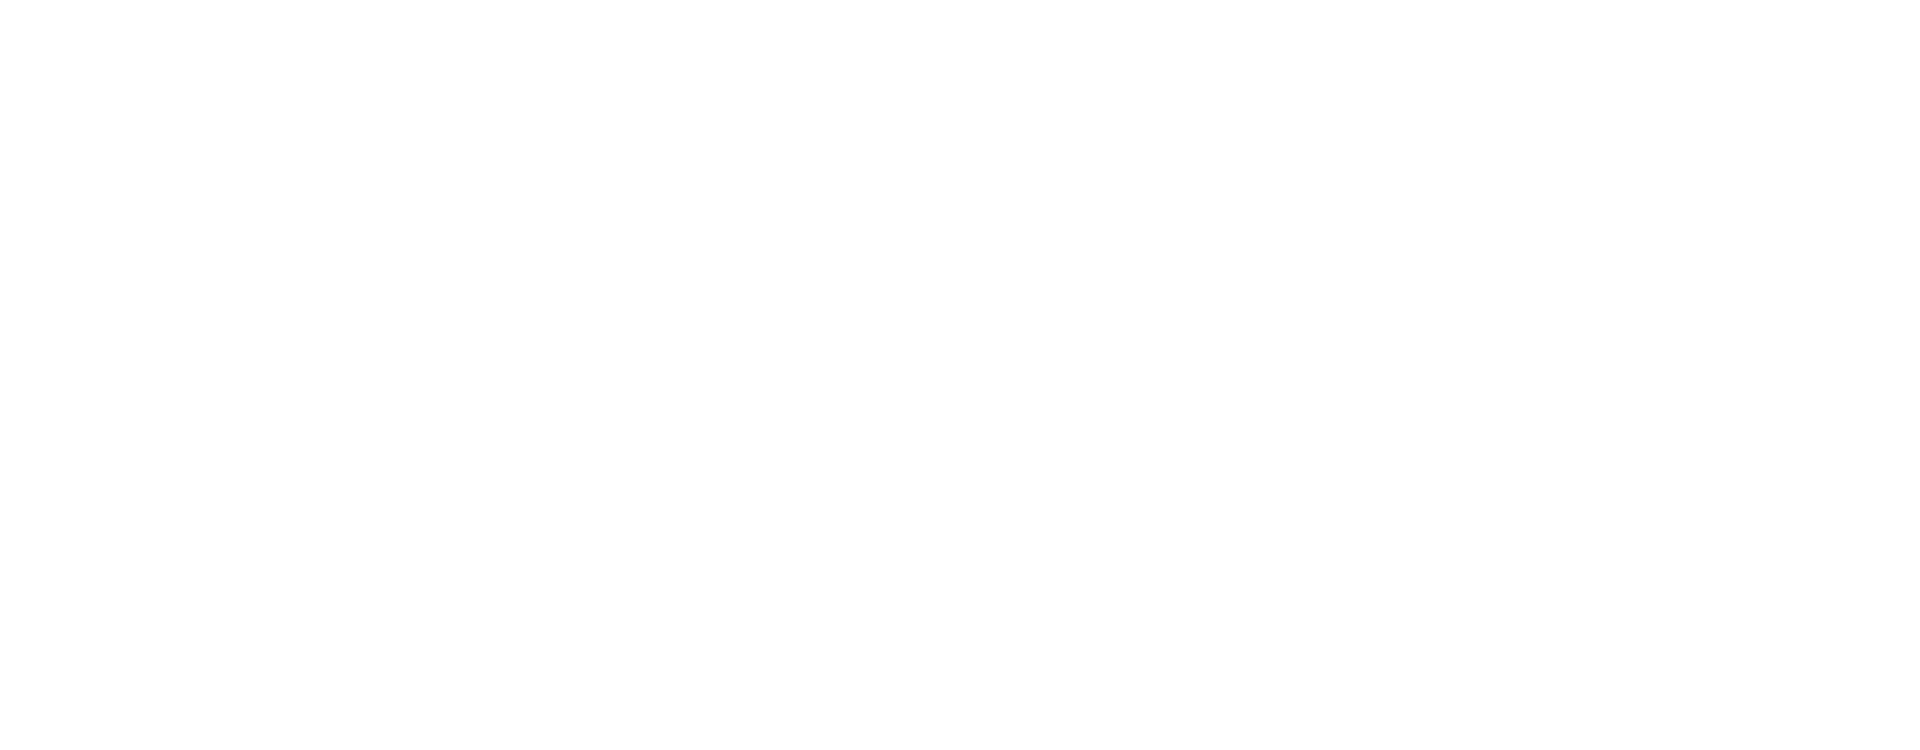 Soltimex | Cursos en león gto, tecnologias de virtualización, centro de virtualización, redes de computo, tecnologias de la información, asesoria especializada en proyectos estrategicos, soluciones it, capacitación y consultoria itil, soluciones y proyectos de información